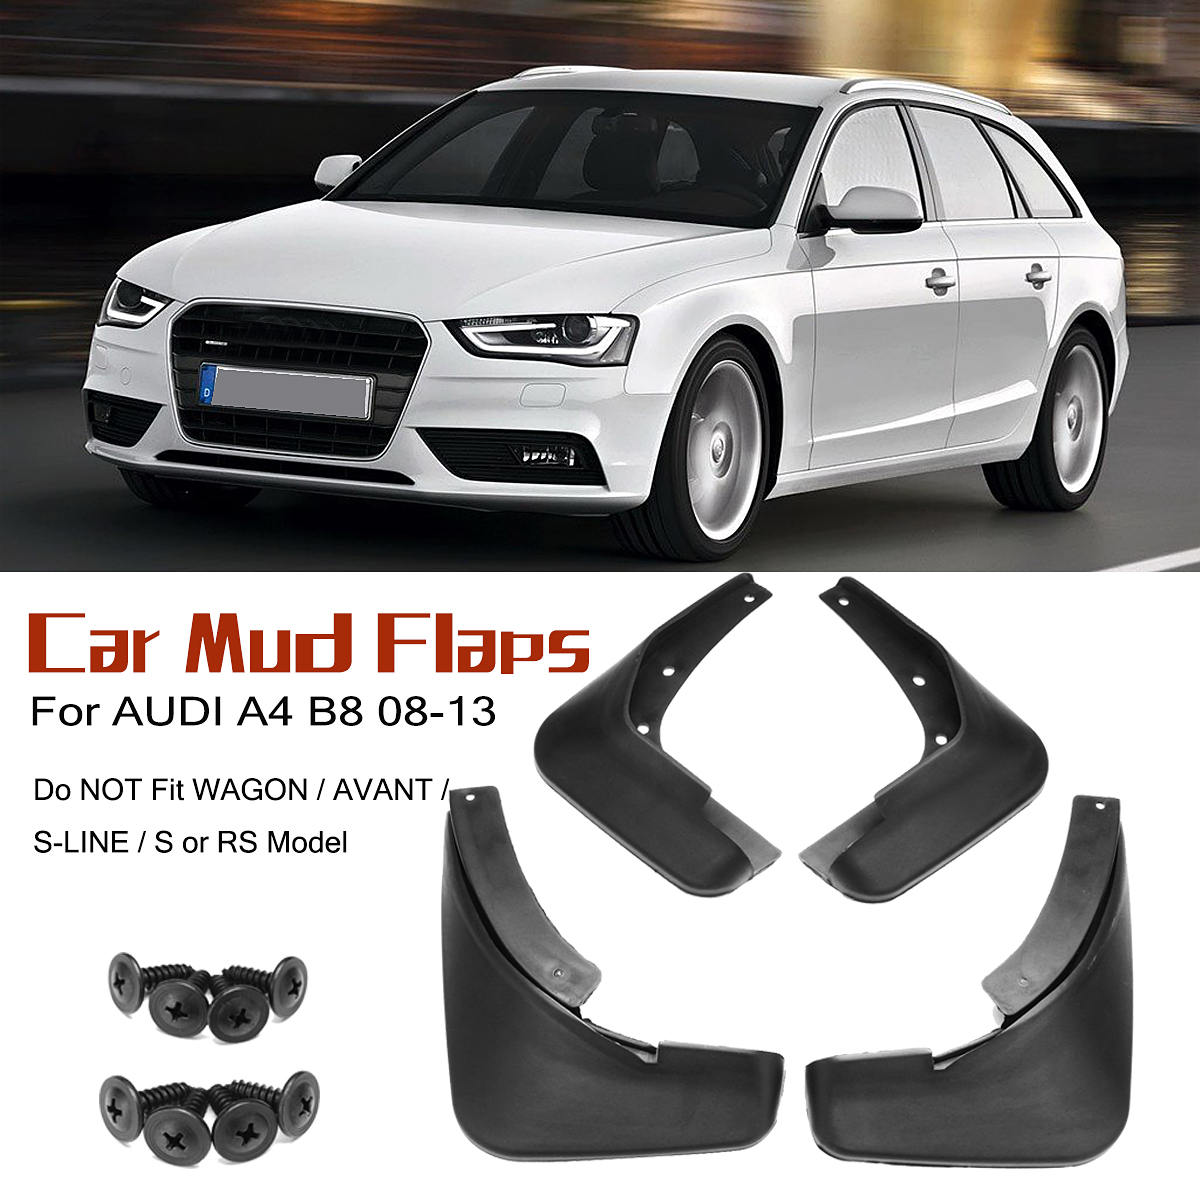 4 adet Araba Çamurluk Audi A4 B8 2008 2009 2010 2011 2012 2013 Çamur Flaps Splash Muhafızları Oto Çamurluk çamurluk Aksesuarları